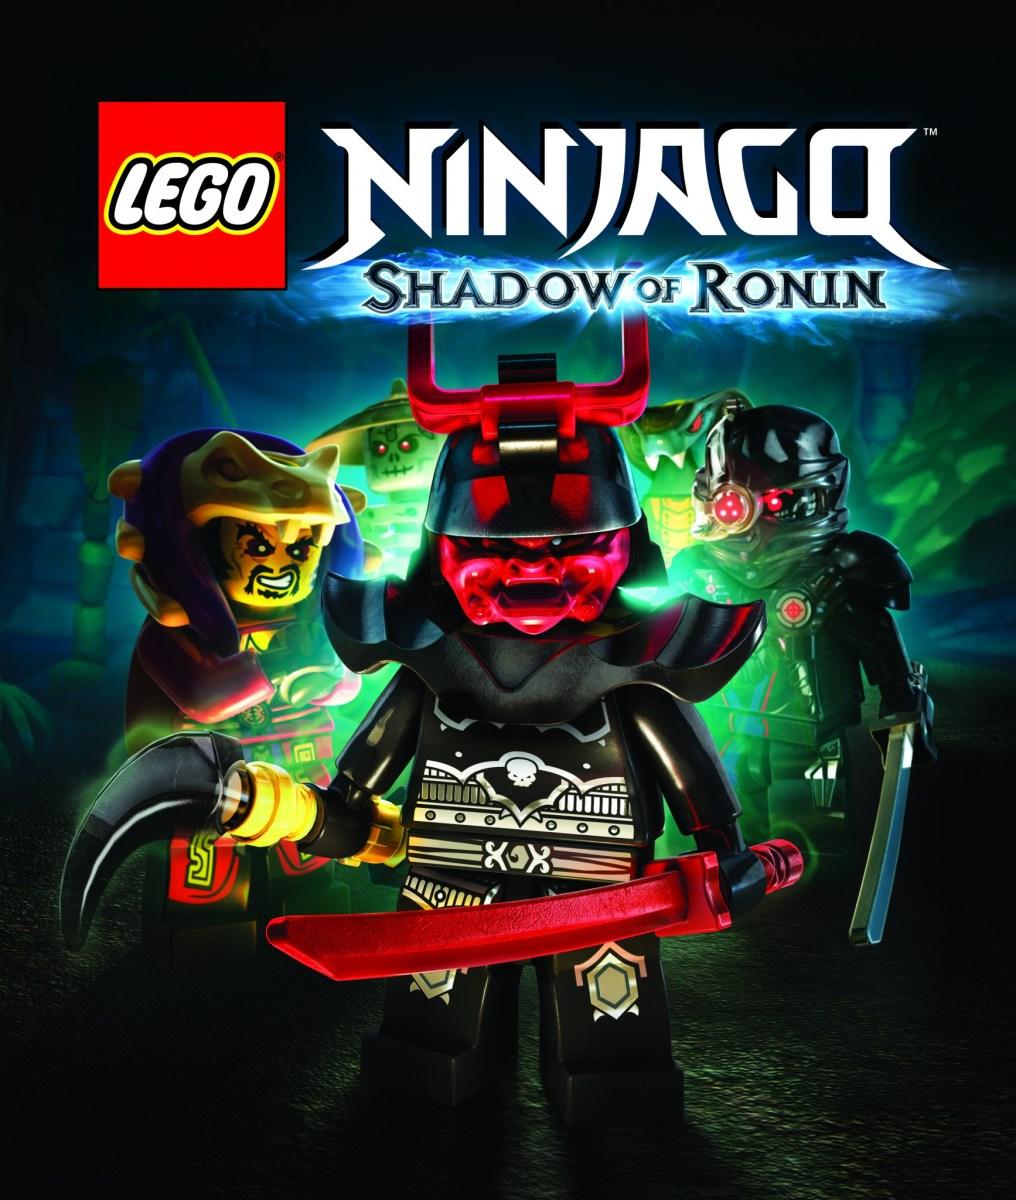 LEGO Ninjago: Shadow of Ronin Villains #LEGODad